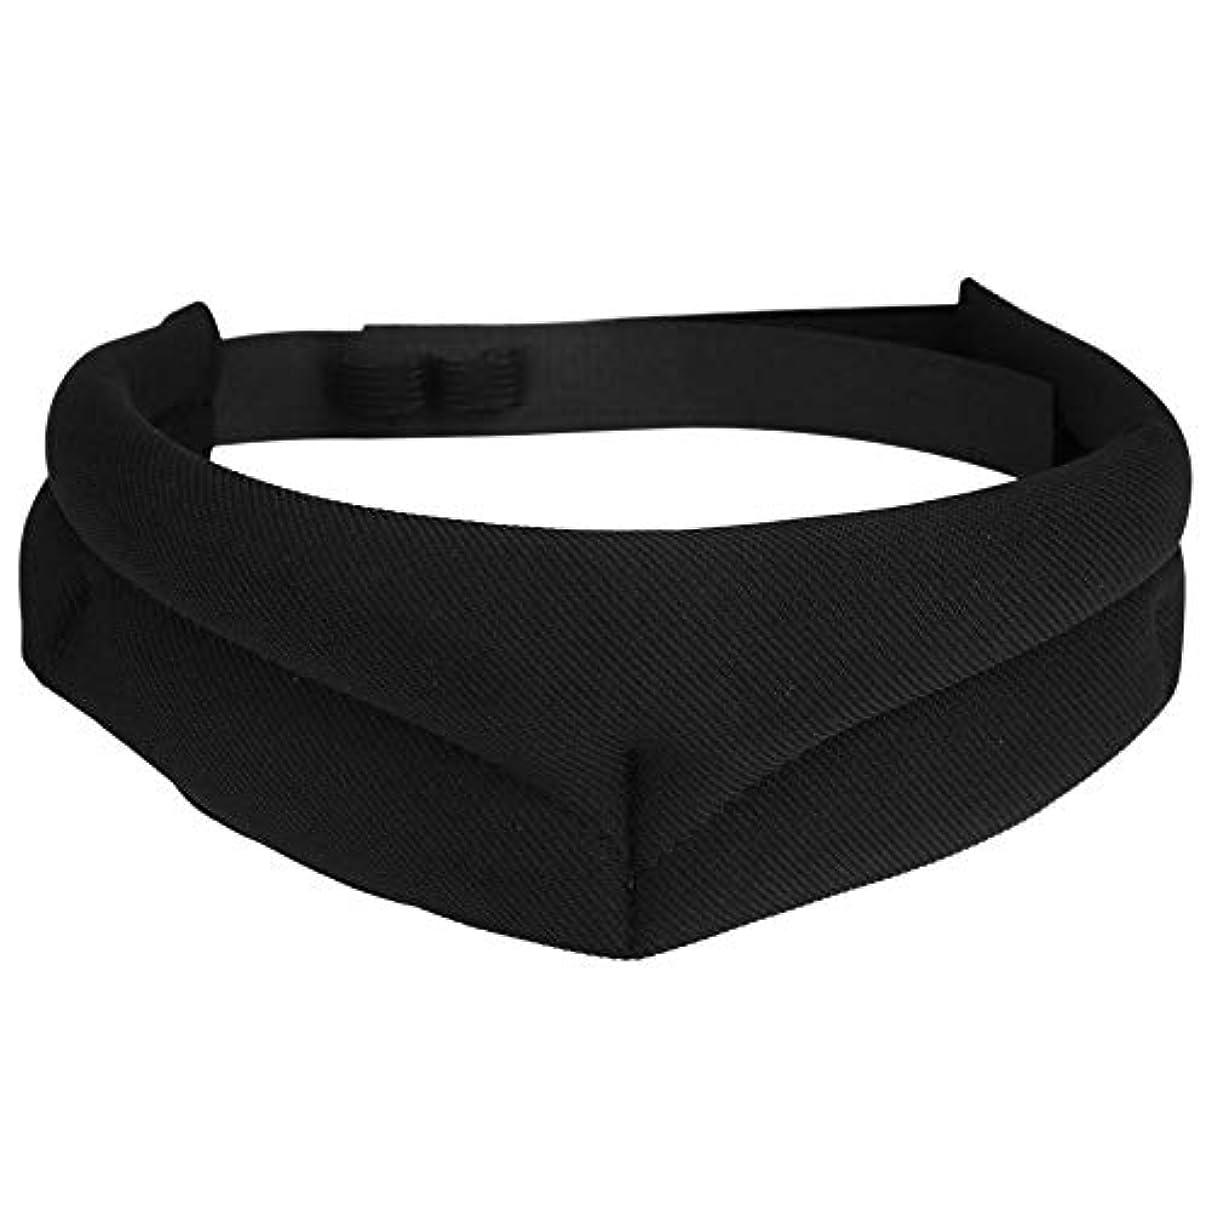 食べるケープ大理石睡眠カバーアイマスク、女性男性旅行フライトのための輪郭を描かれた3Dの調節可能な通気性の眠るアイパッチおよびホームシェーディング目隠し(1#)